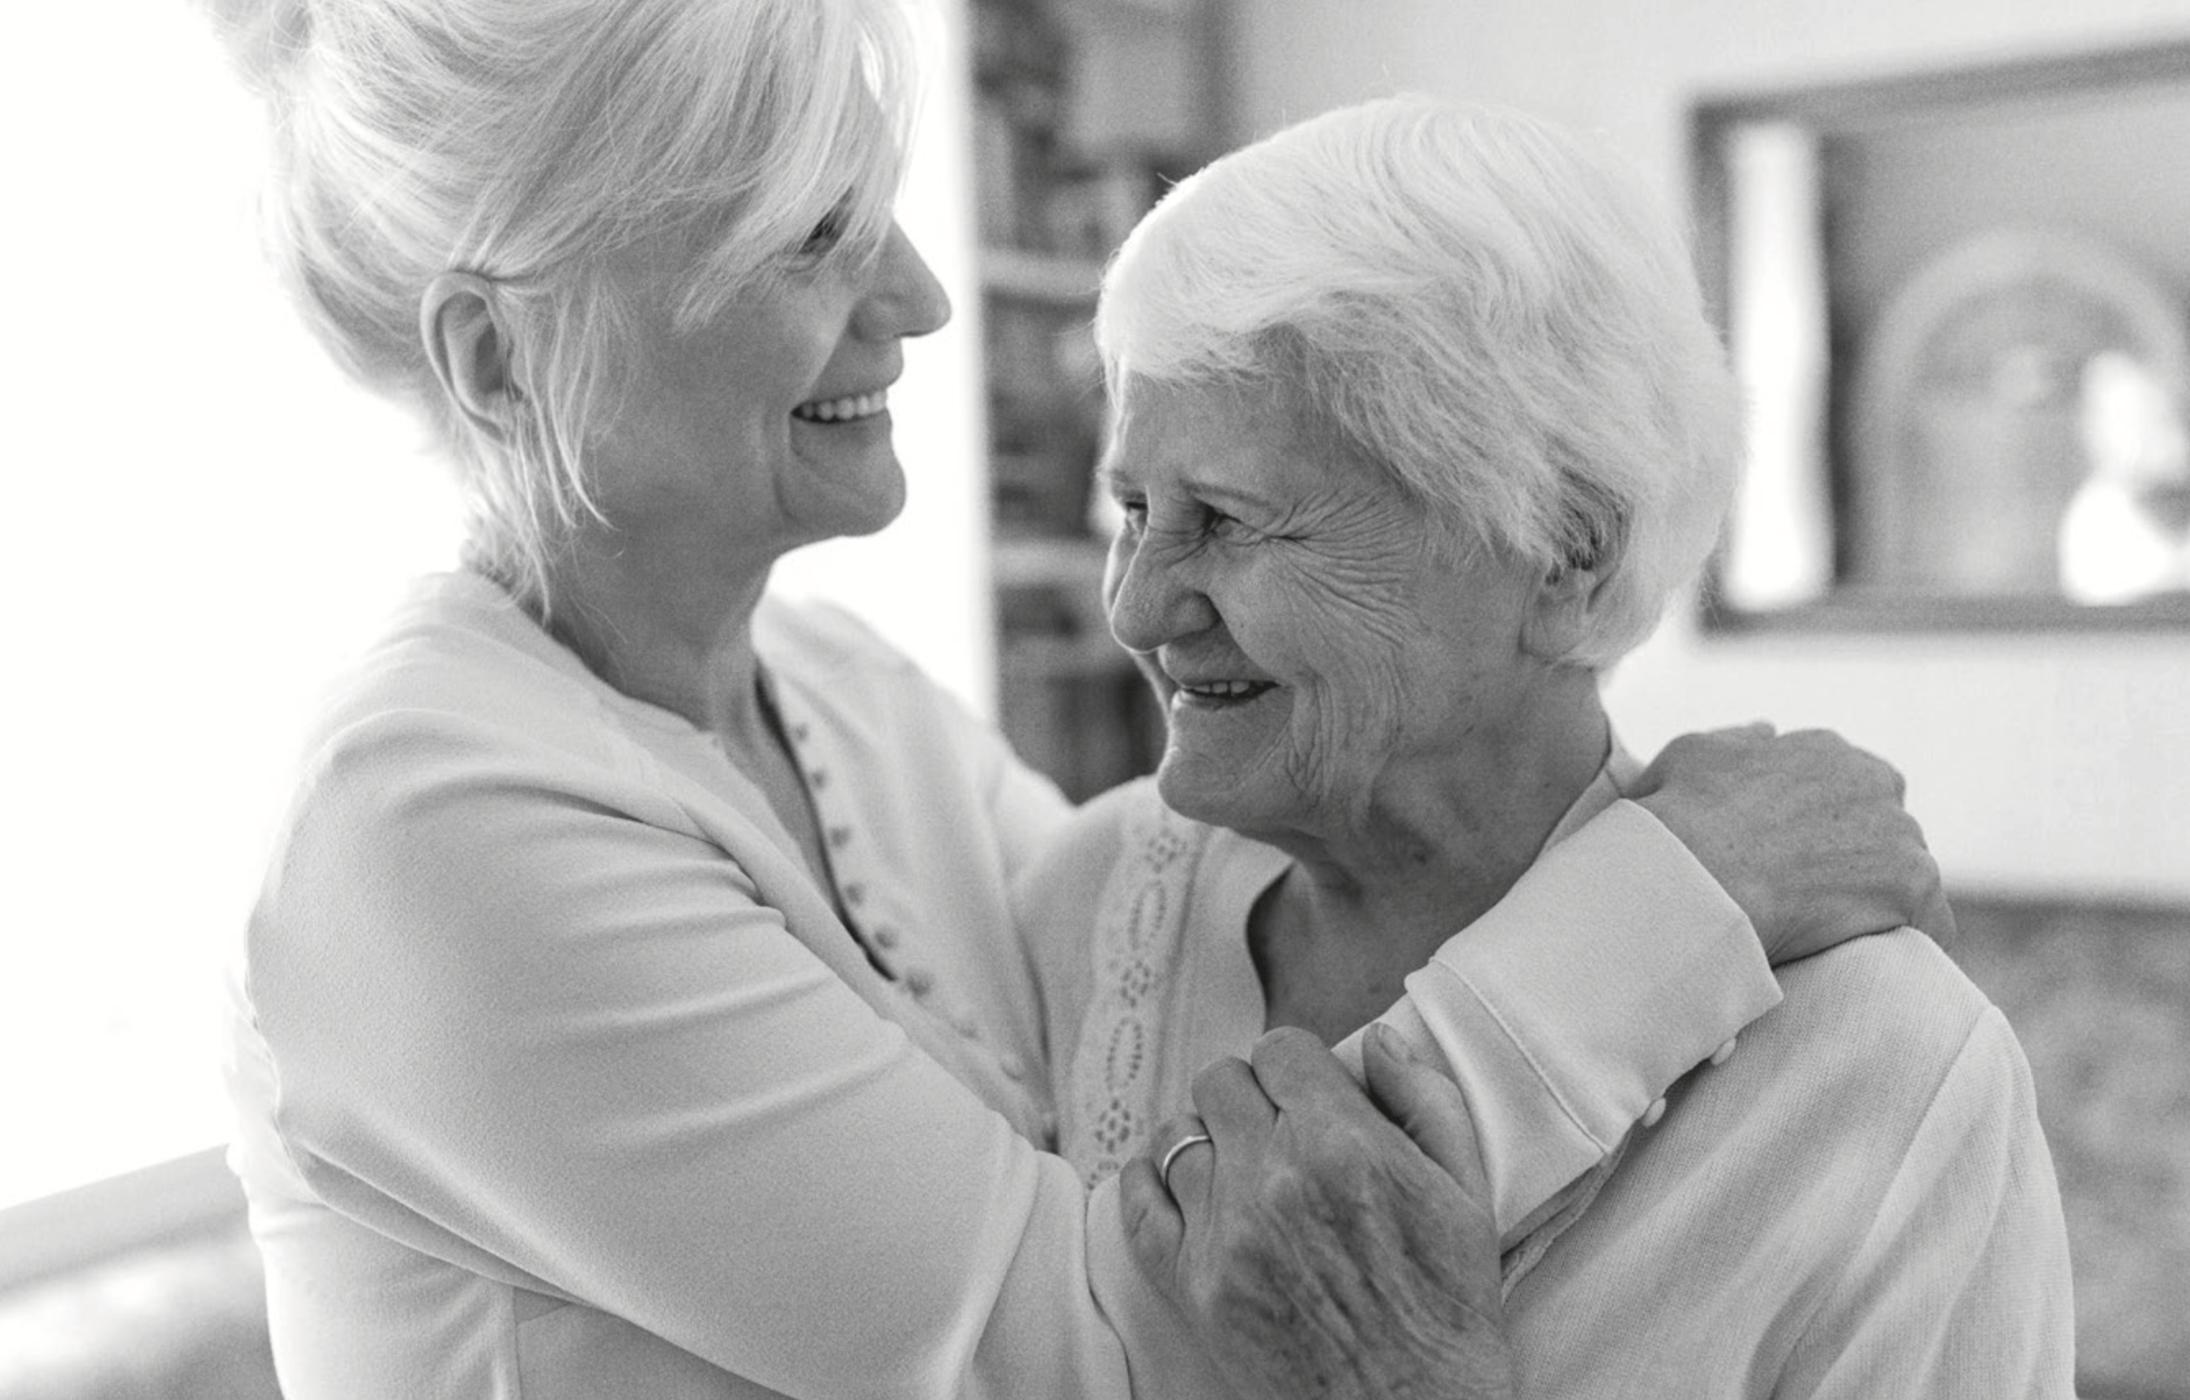 Colorado Caregiver's Guide to Dementia Resources